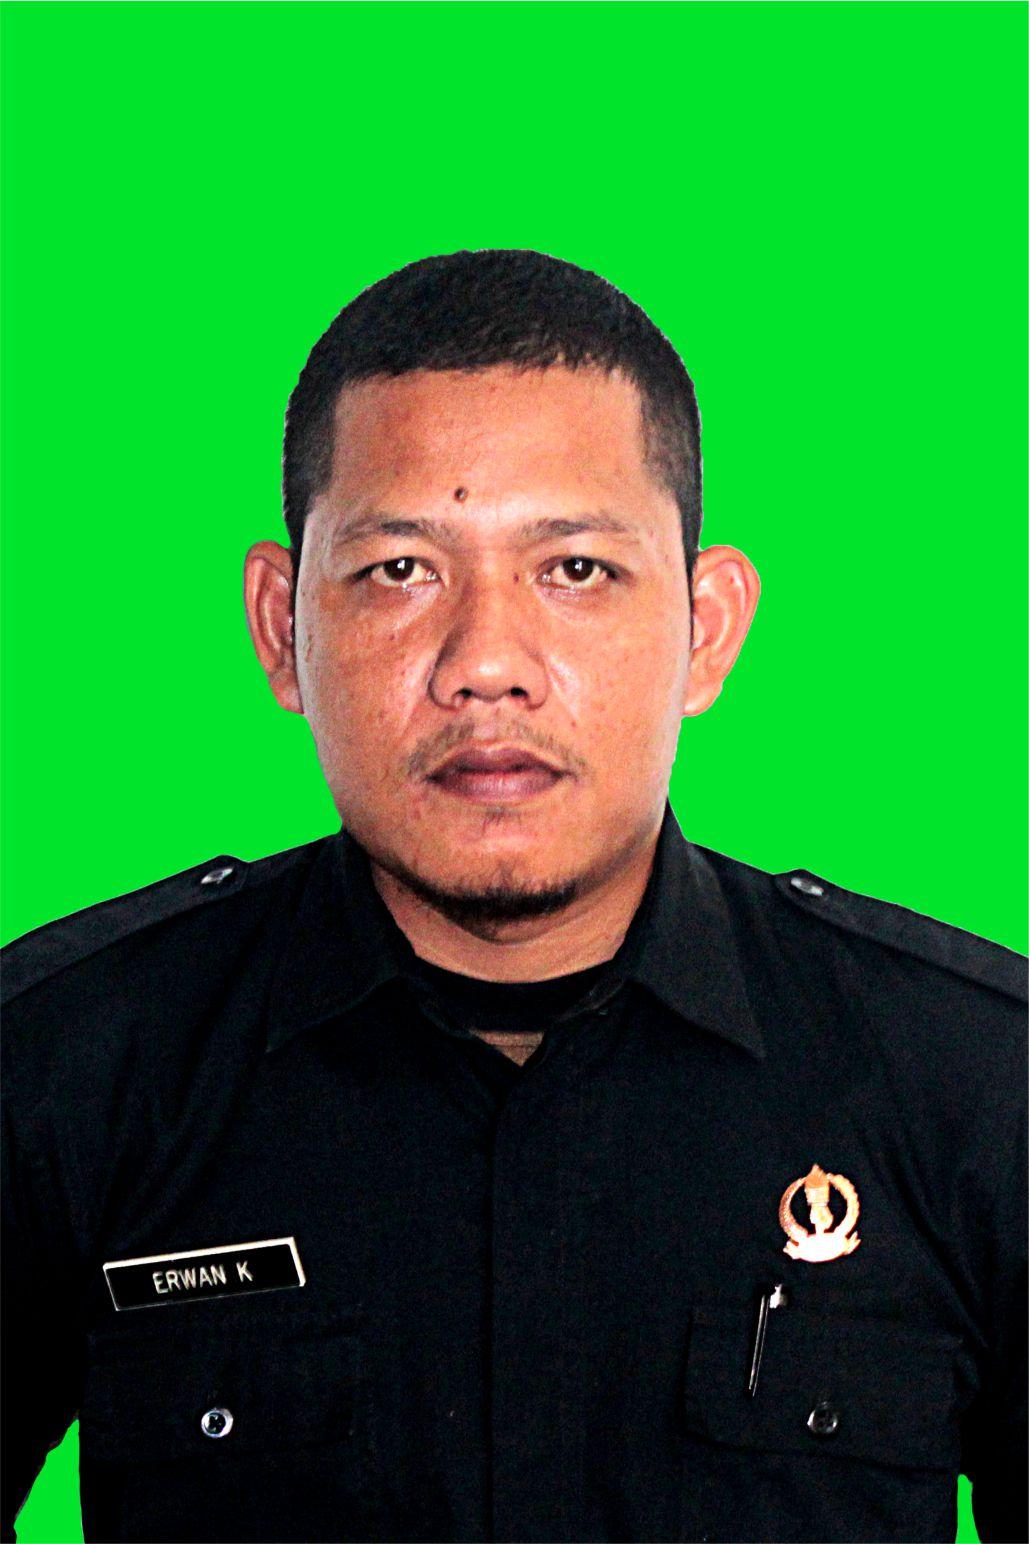 Staff Erwan Kurniawan SMK Taruna Harapan 1 Cipatat